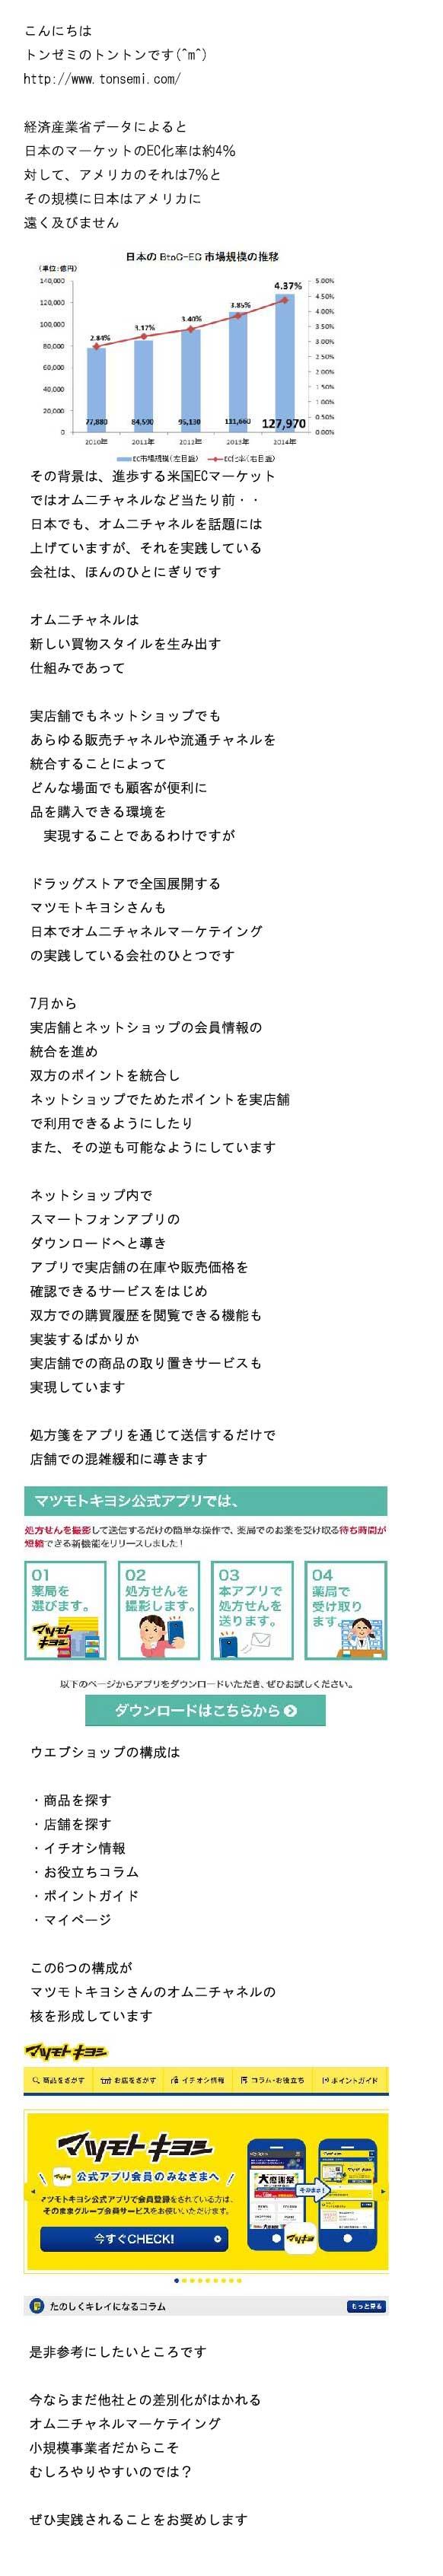 マツモトキヨシウエブサイトに学ぶオムニチャネルの仕組み